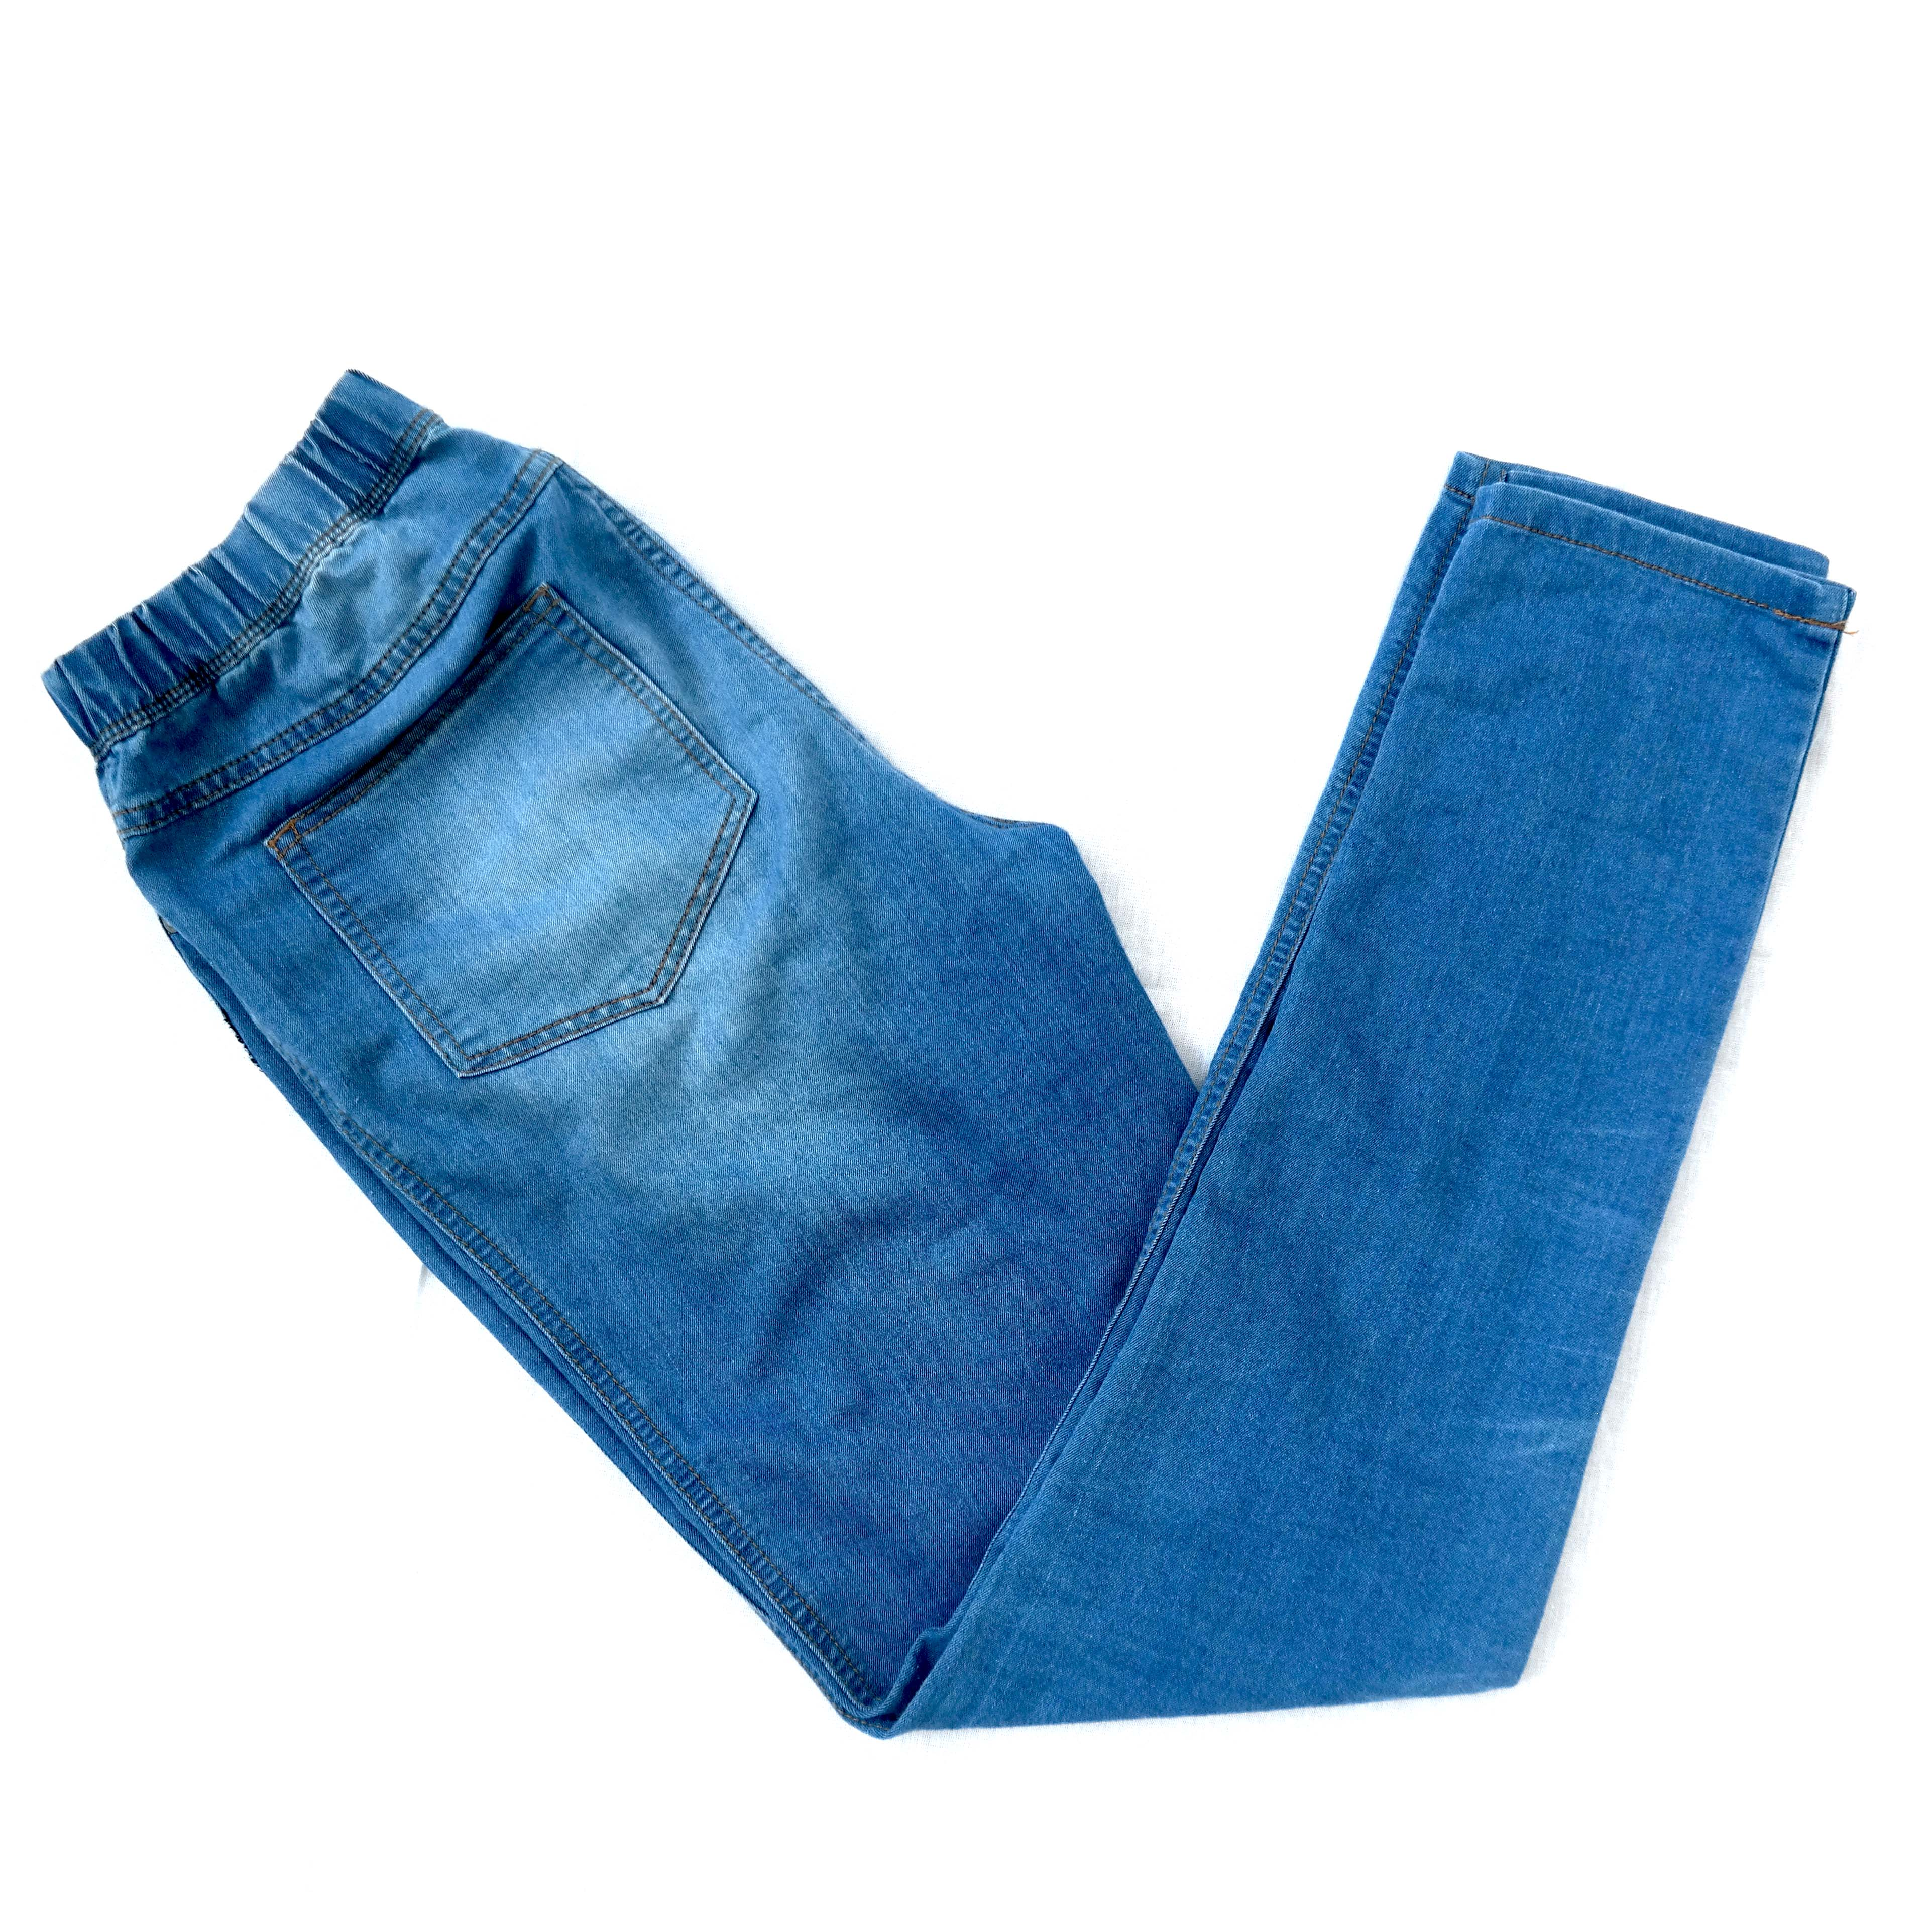 Женские джинсы на резинке в Москве